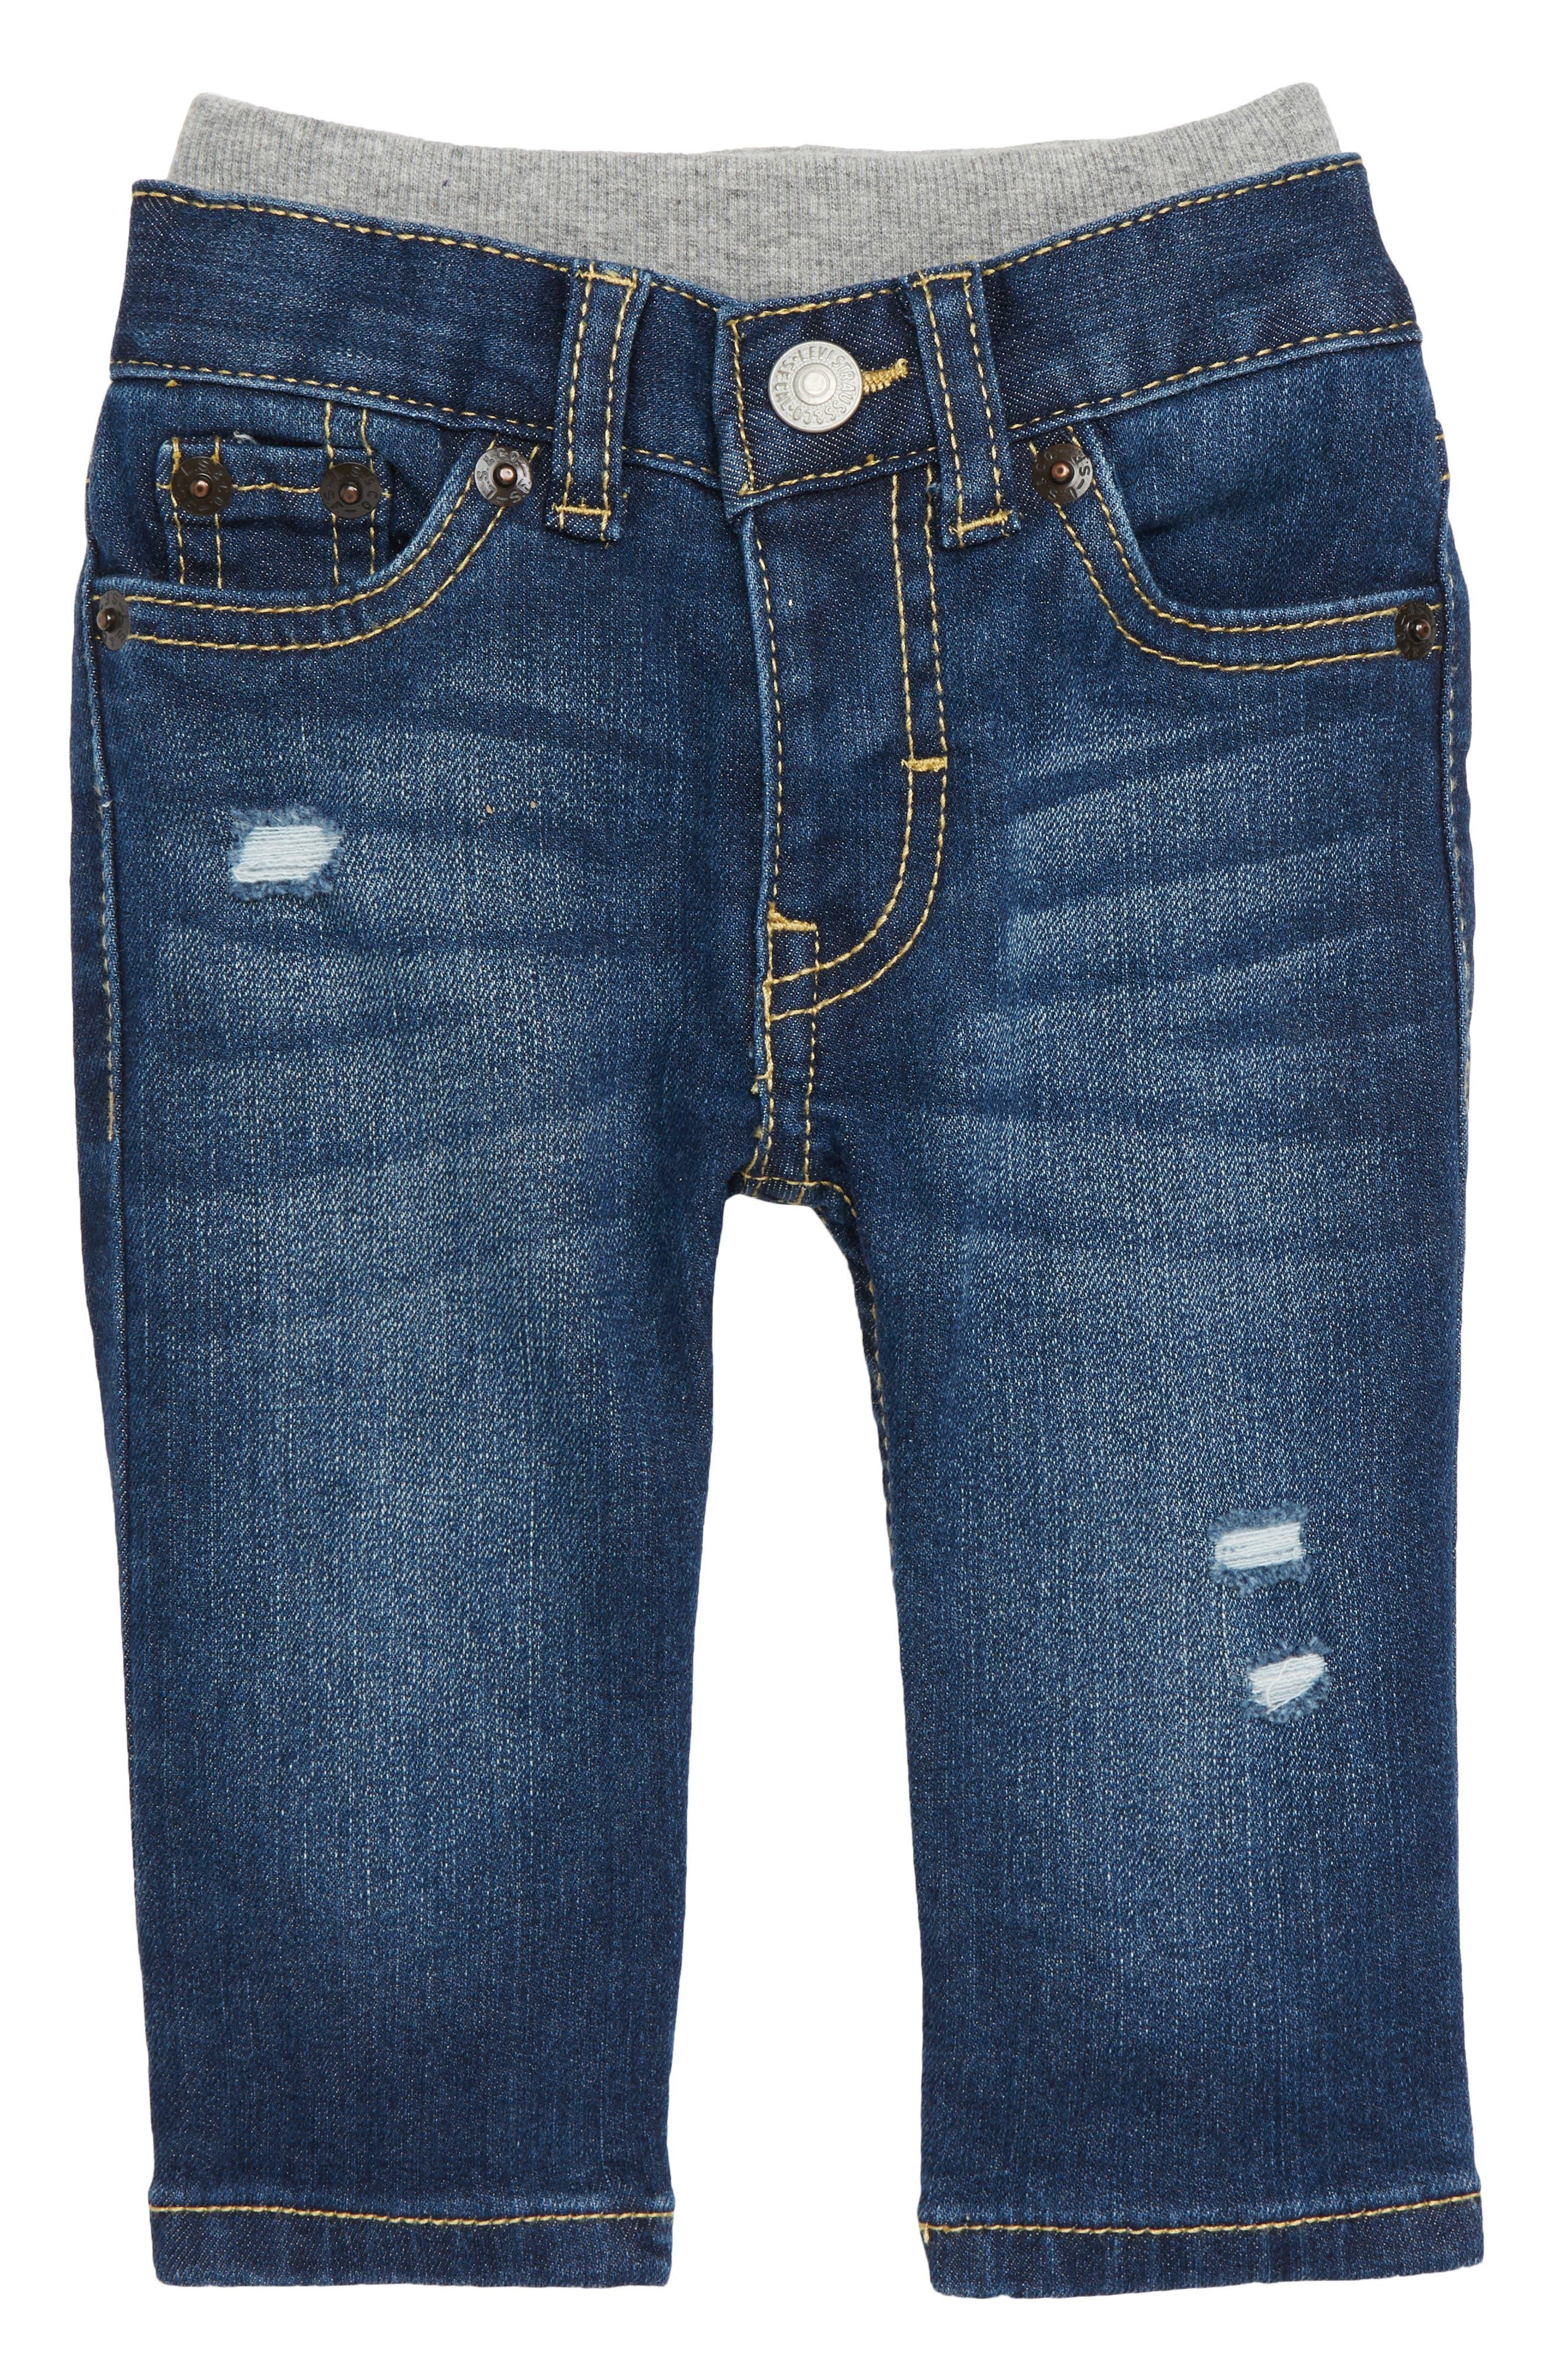 Murphy Jeans,                         Main,                         color,